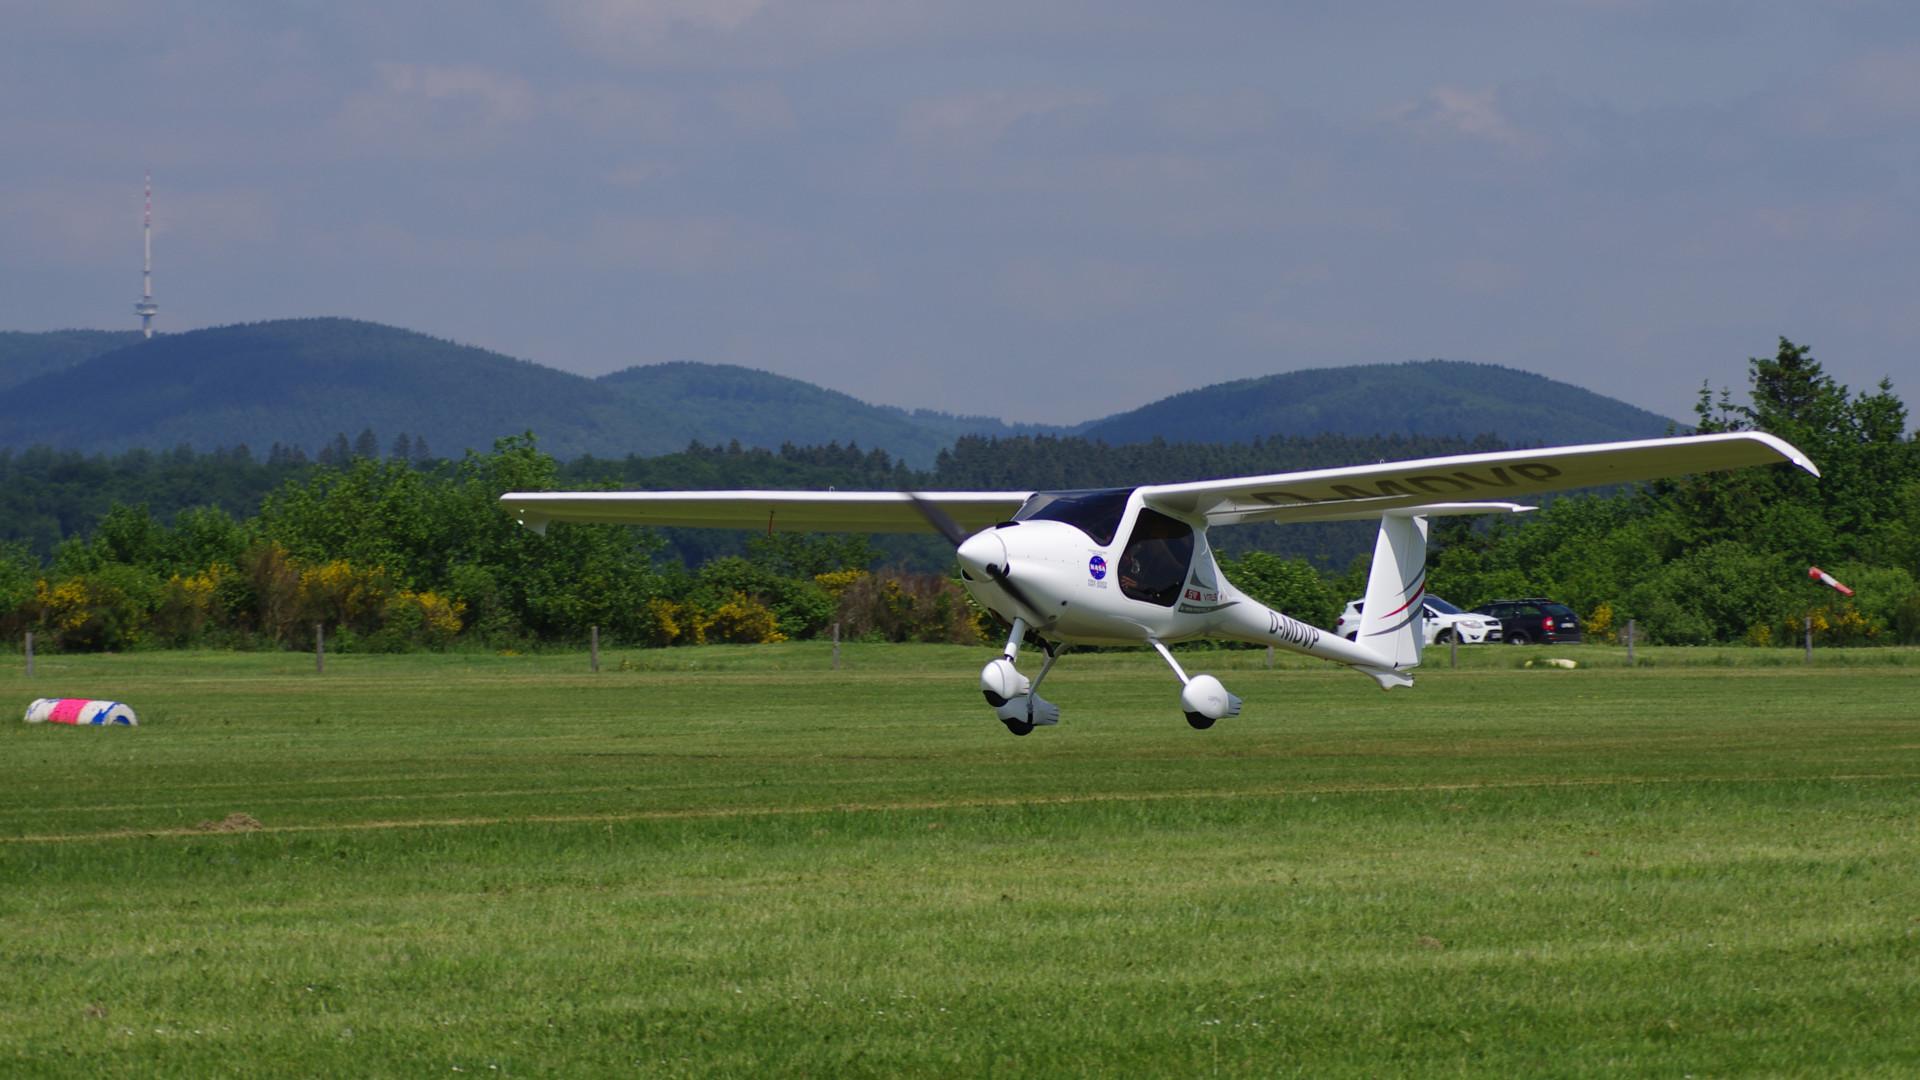 Bejelentették: jelentős gyártási beruházást hoz Magyarországra egy repülési multicég